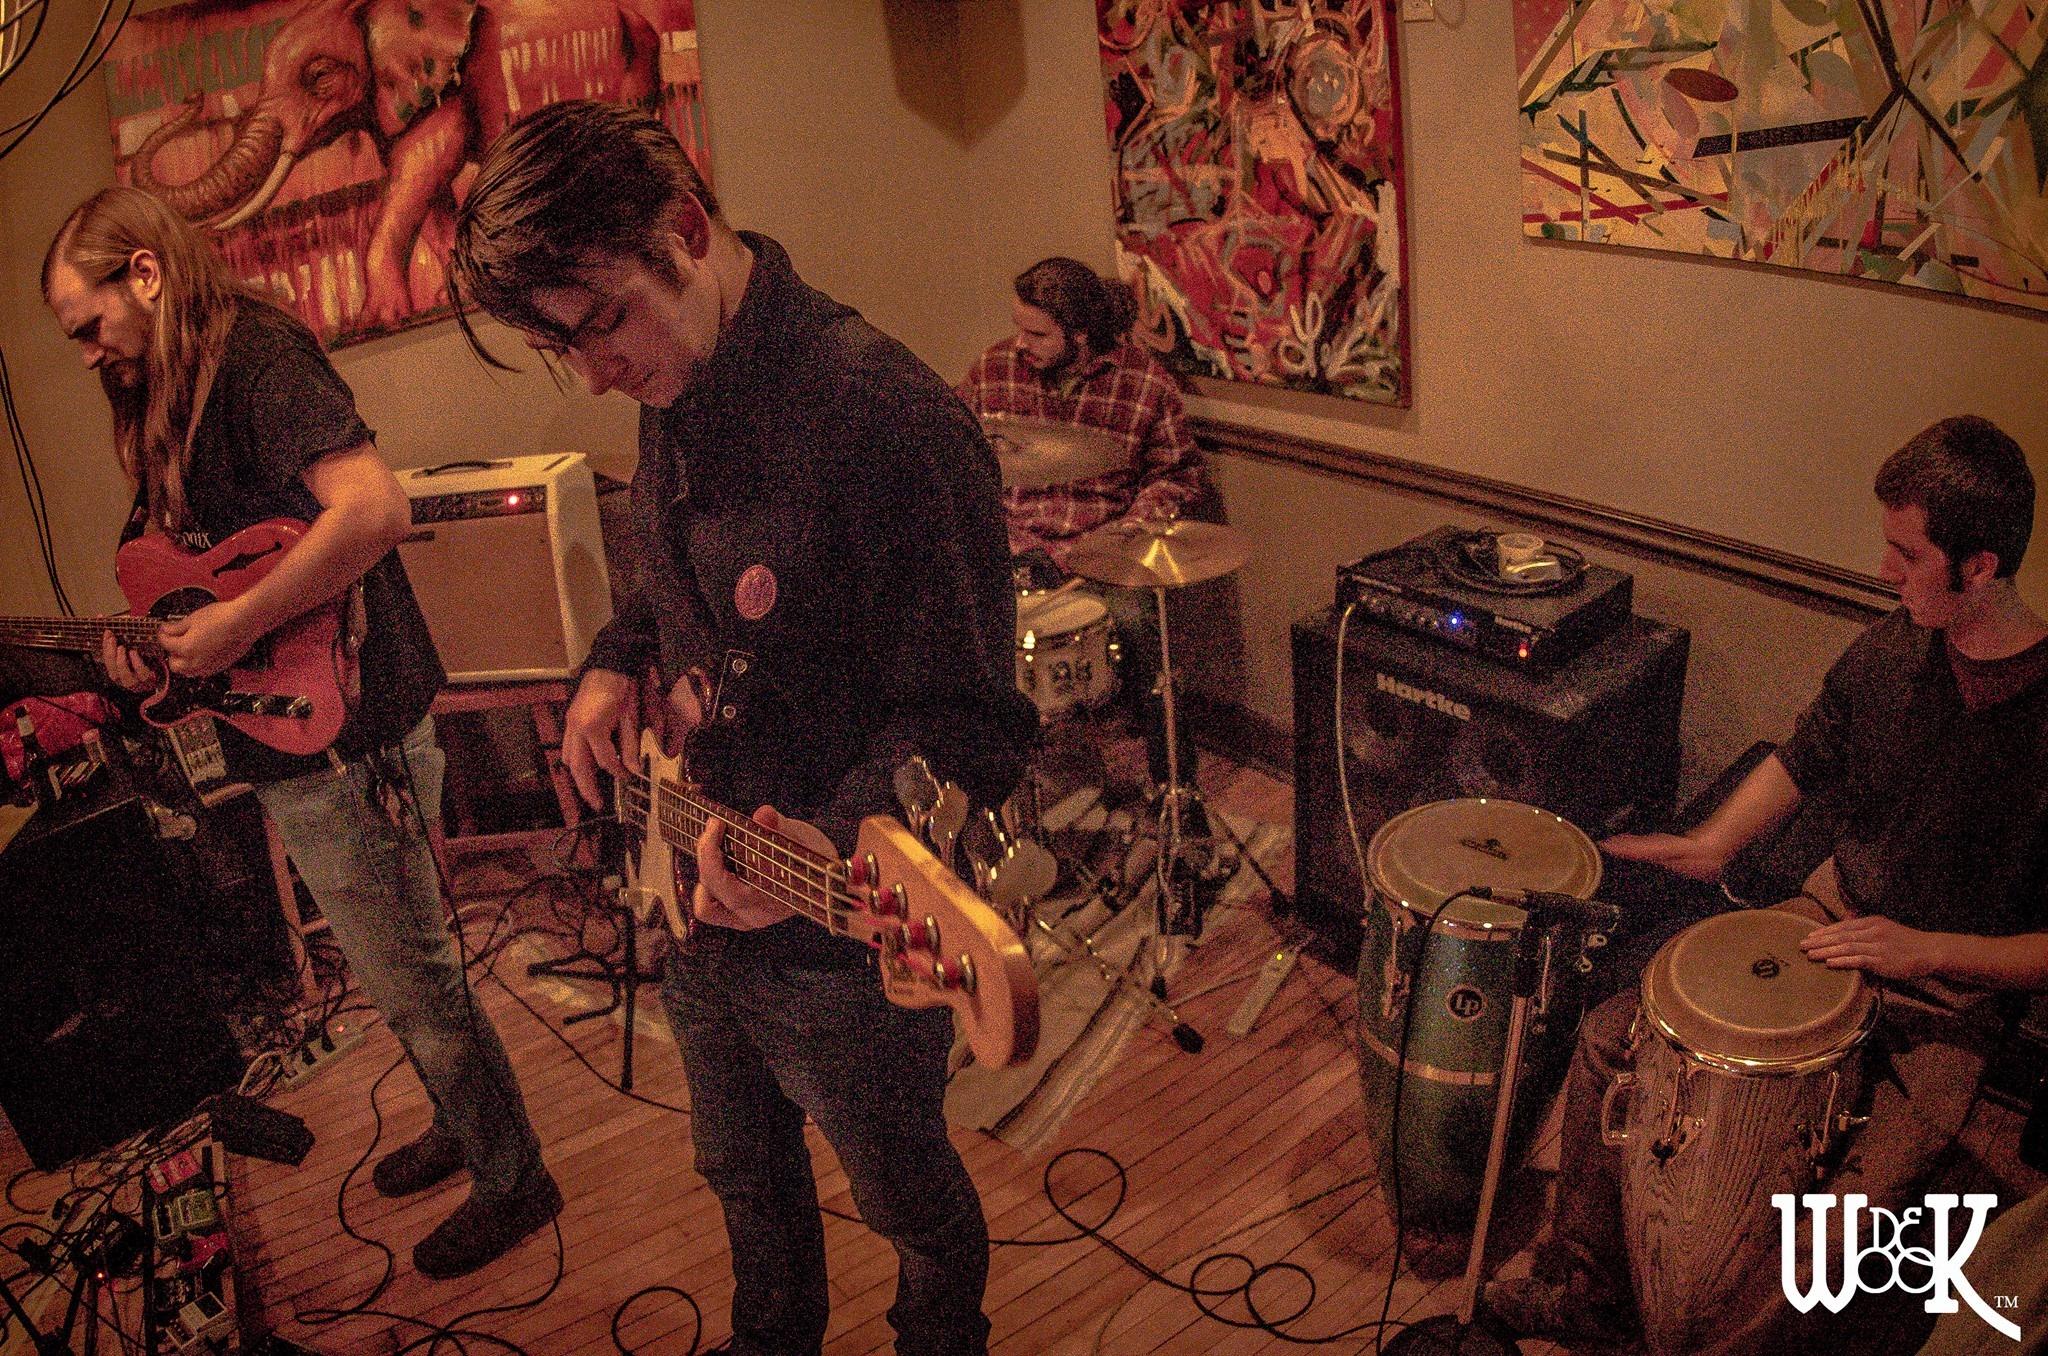 VB's Jeebies at Dino's Riverwest in Milwaukee, February 2017. Patrick Van Bibber (guitar/vocals), Brendan Demet (bass), Jack Reed (drums), Joe Creer (congas).